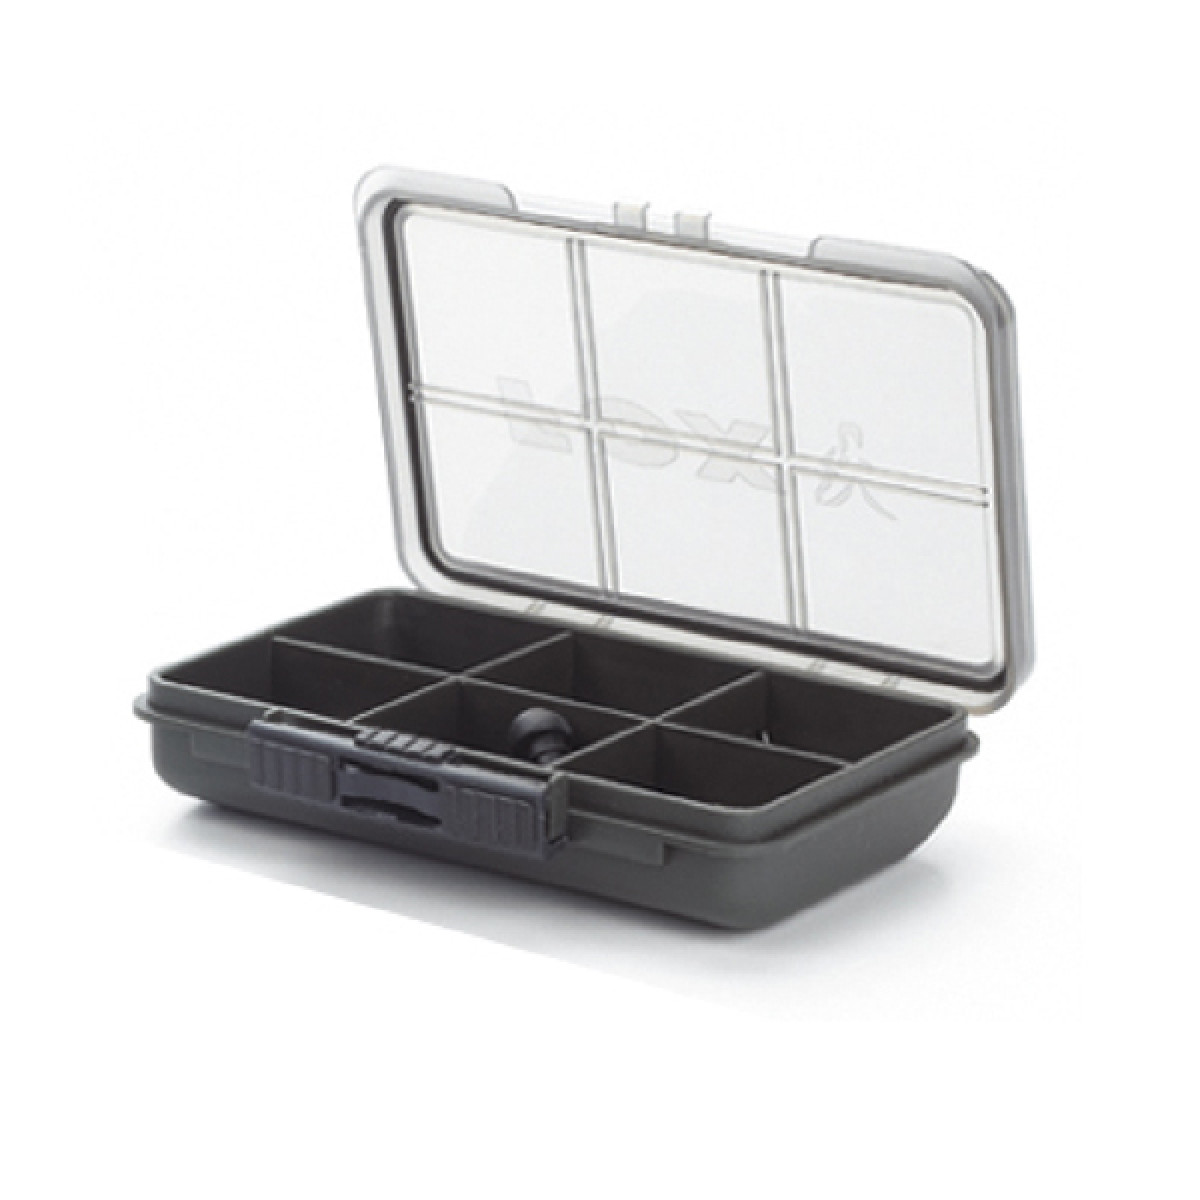 F Box 6 Compartment